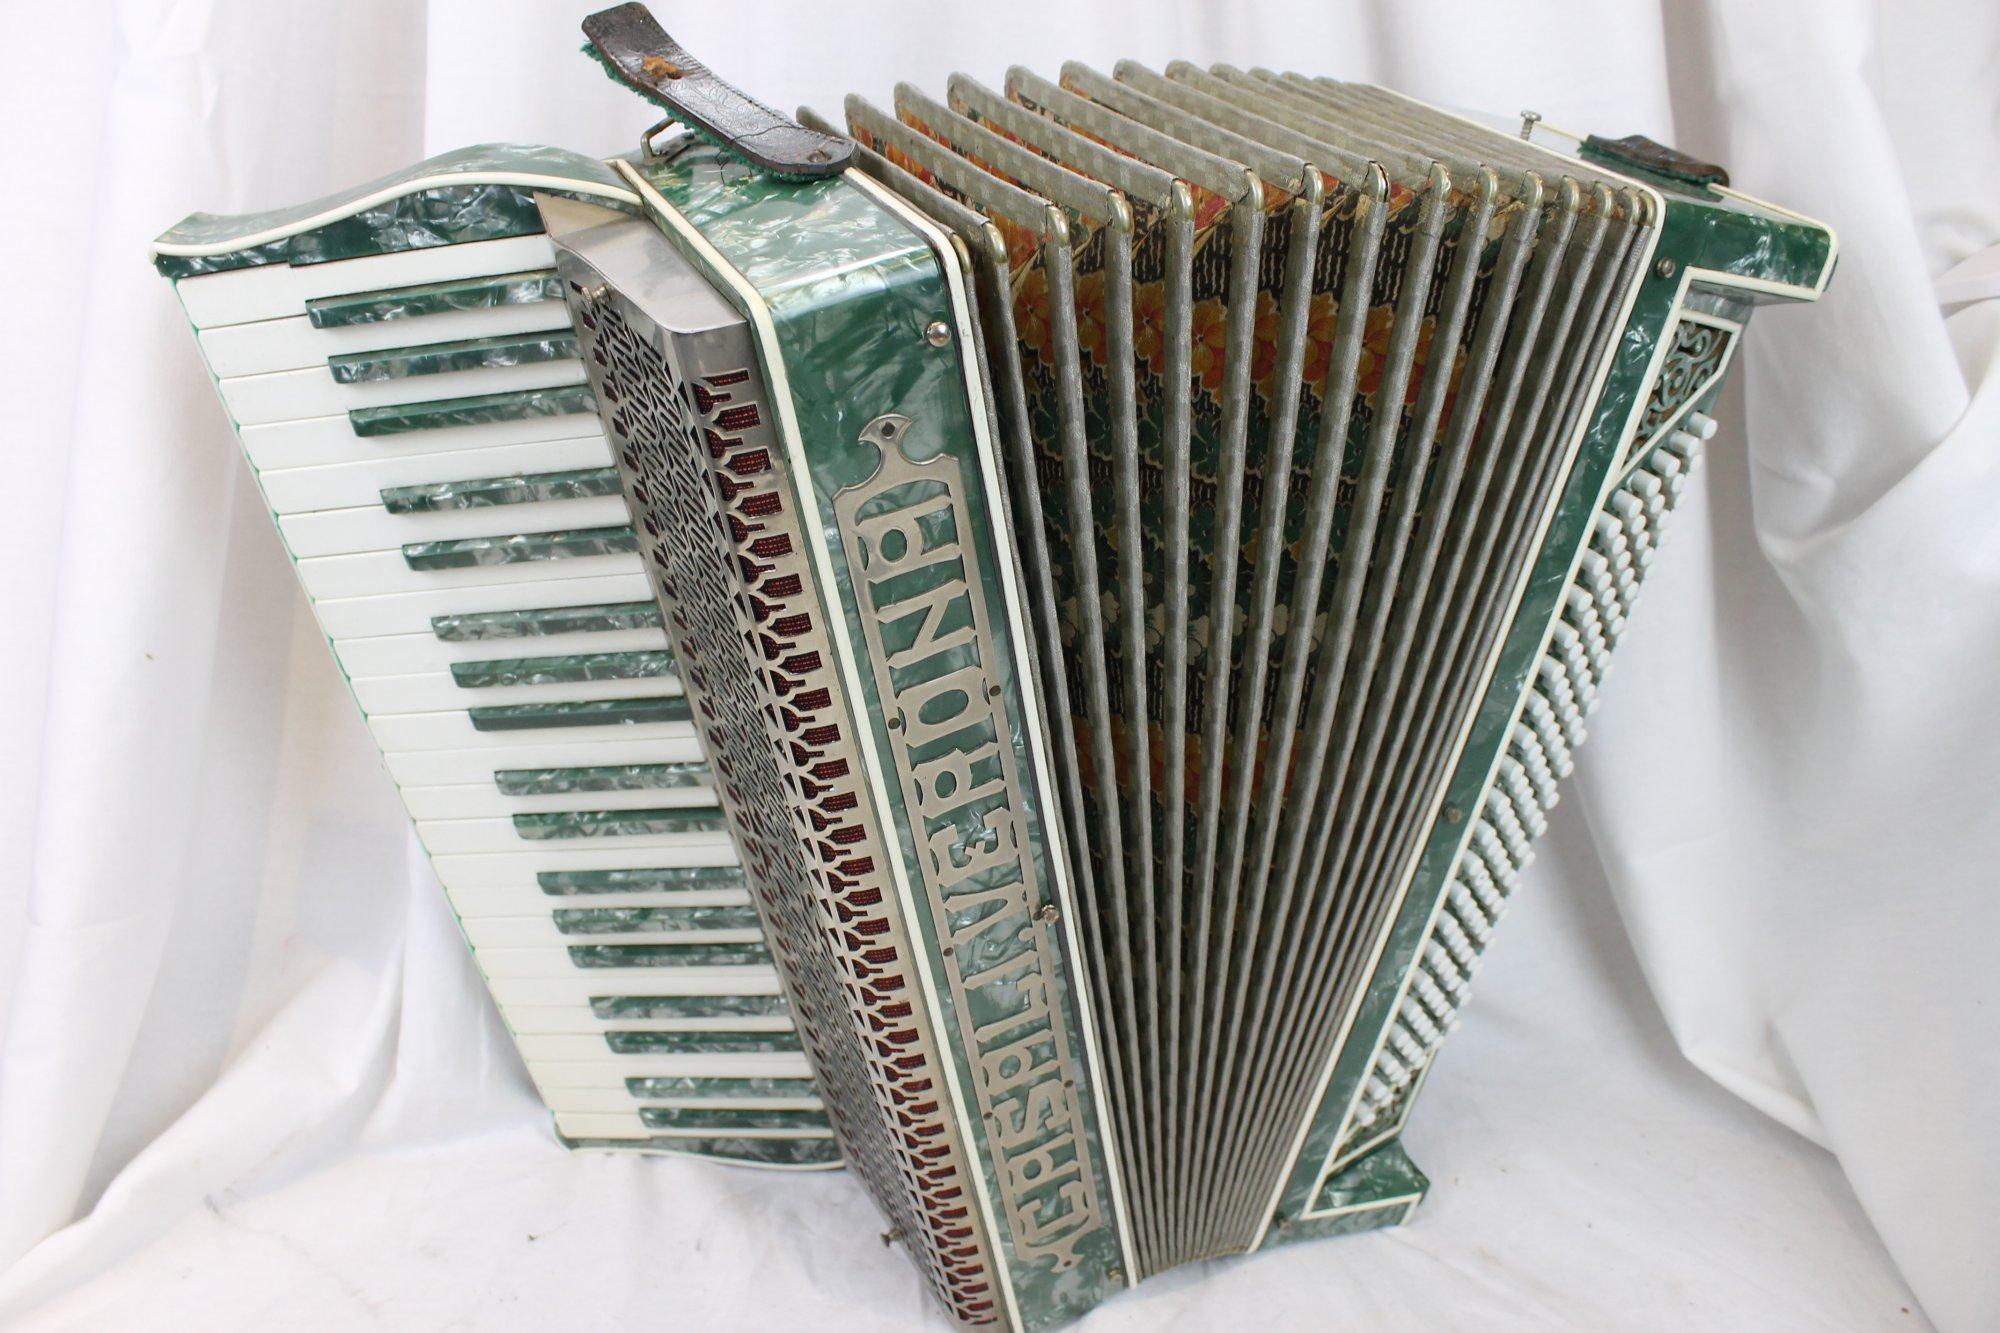 3114 - Green Casali Verona Piano Accordion LMM 41 120